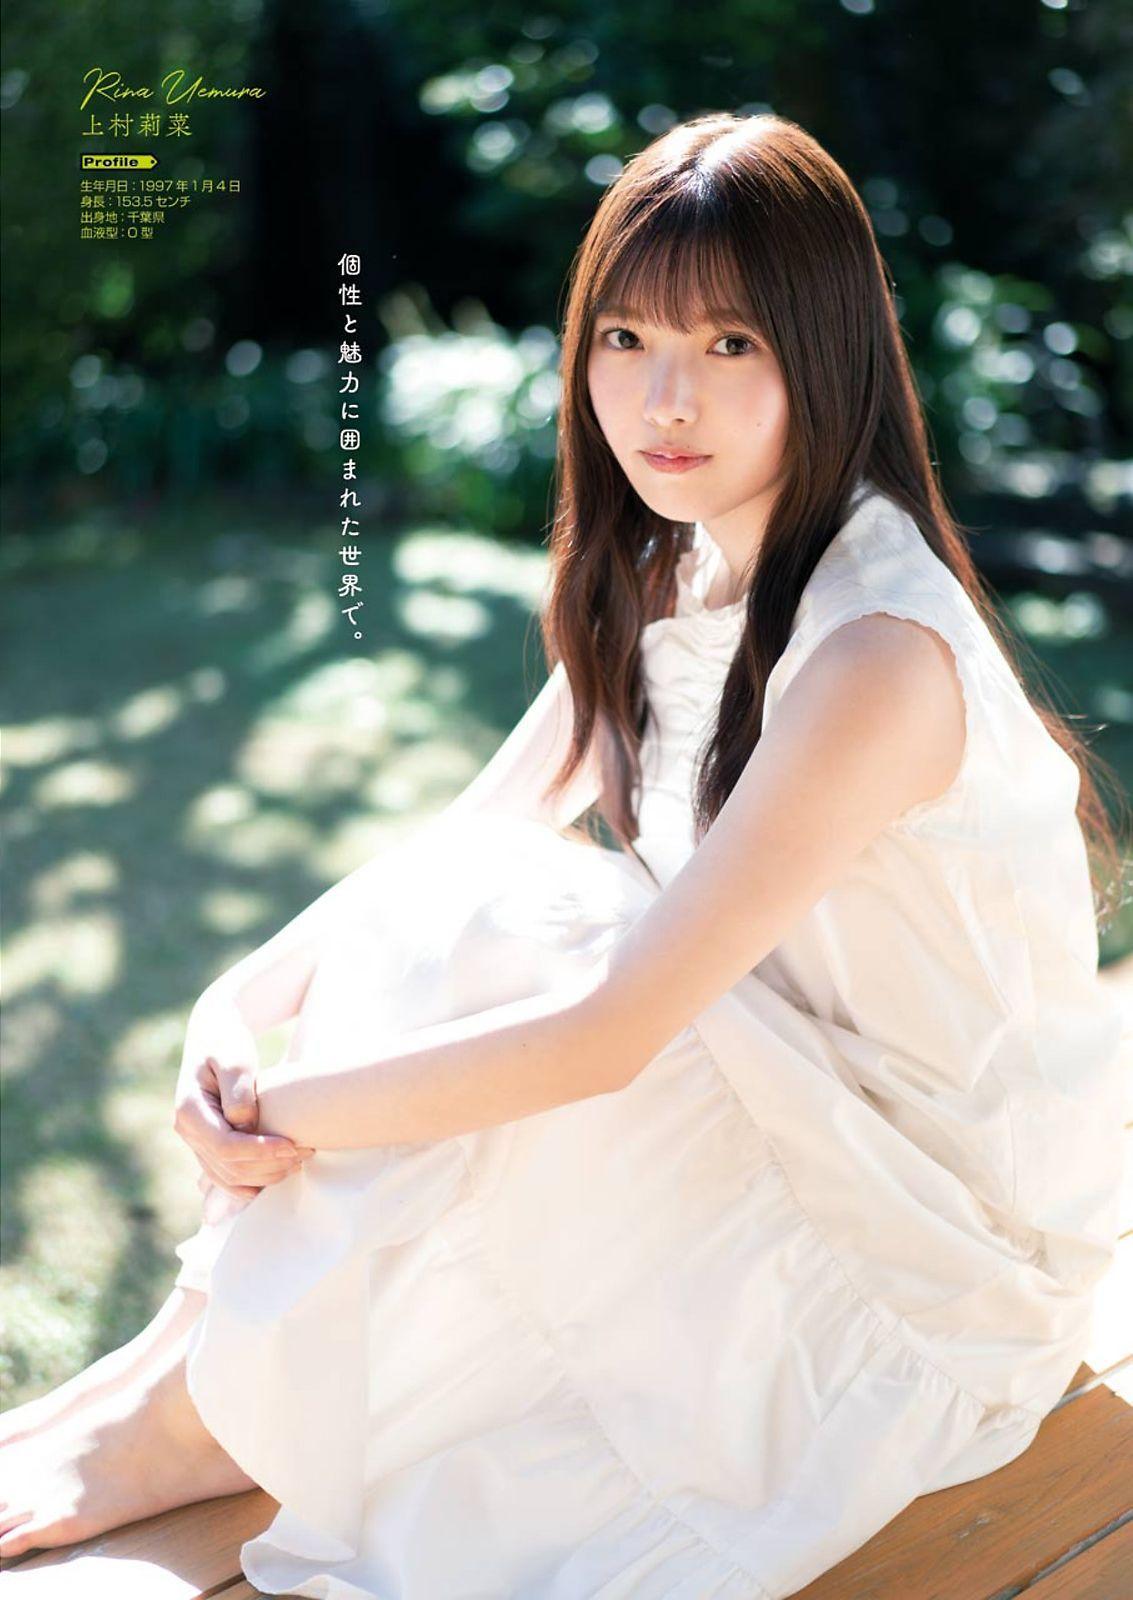 樱坂46 Young Gngan 11_1